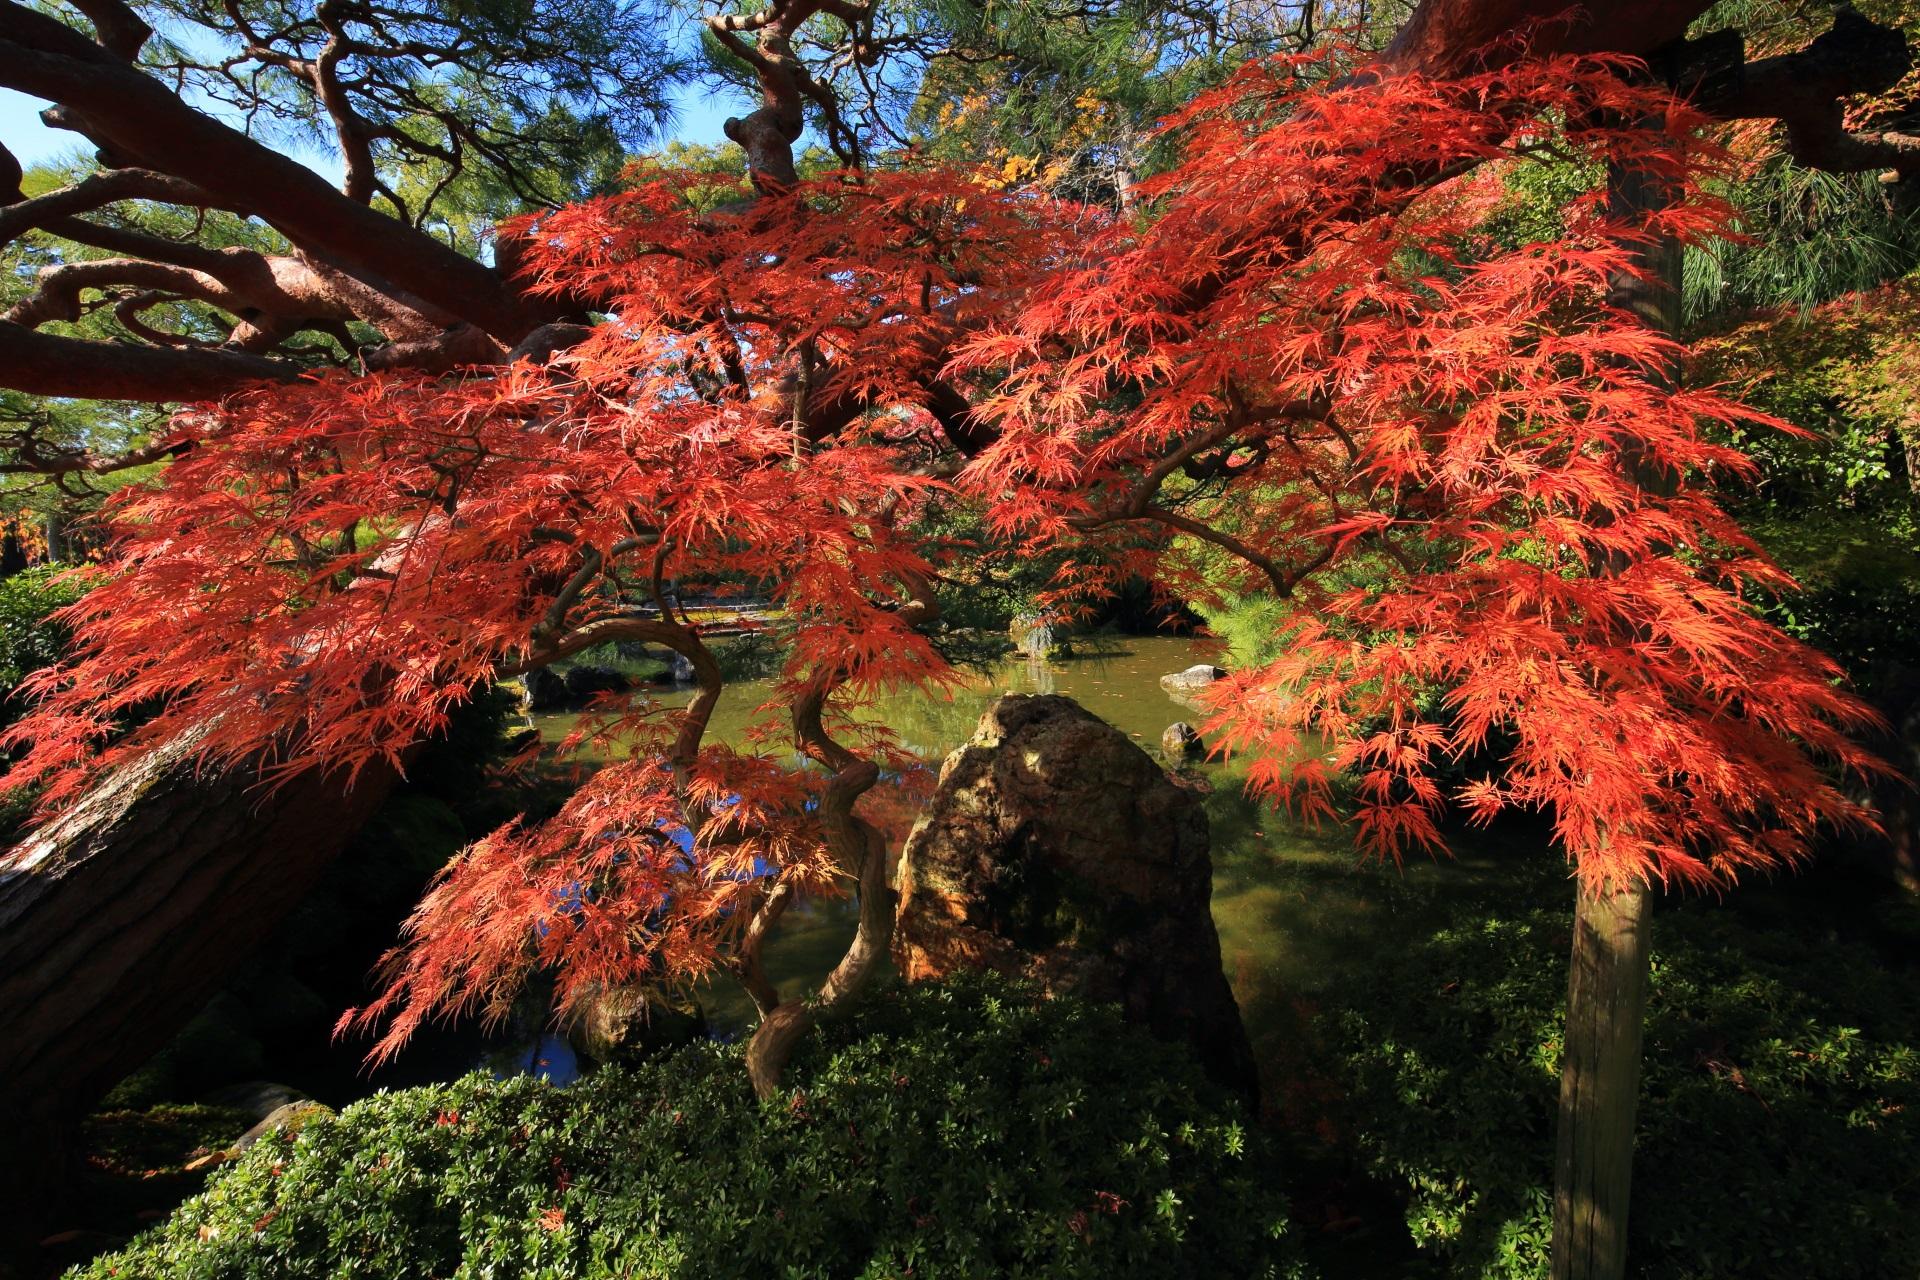 秋風にそよぐ細く繊細な葉の紅葉